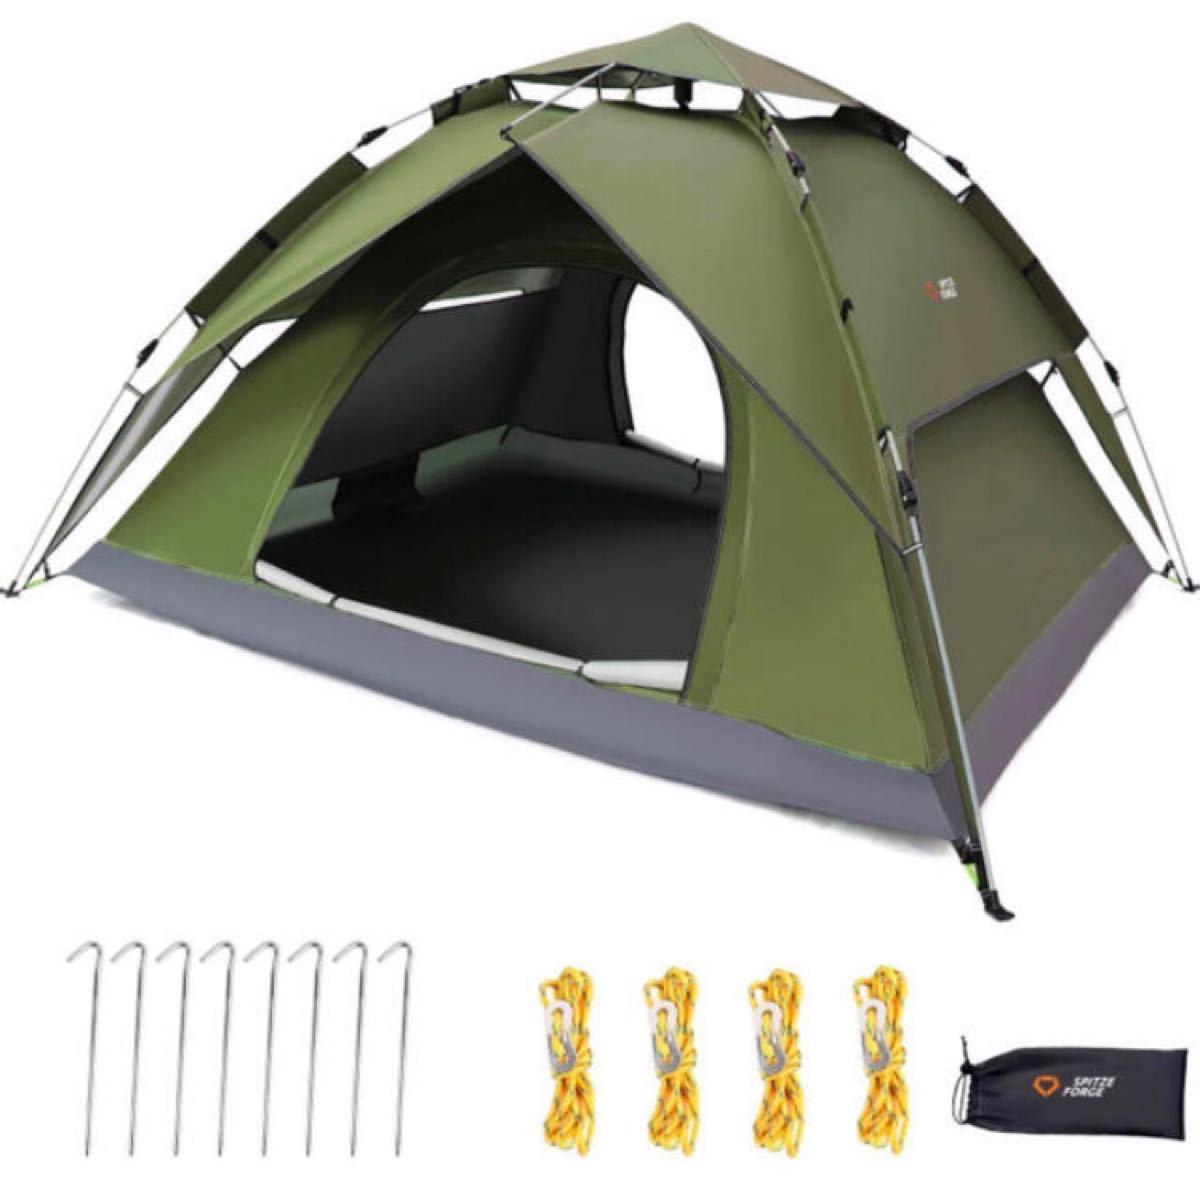 ワンタッチテント 2-3人用 2WAY キャンプ テント サンシェードテント